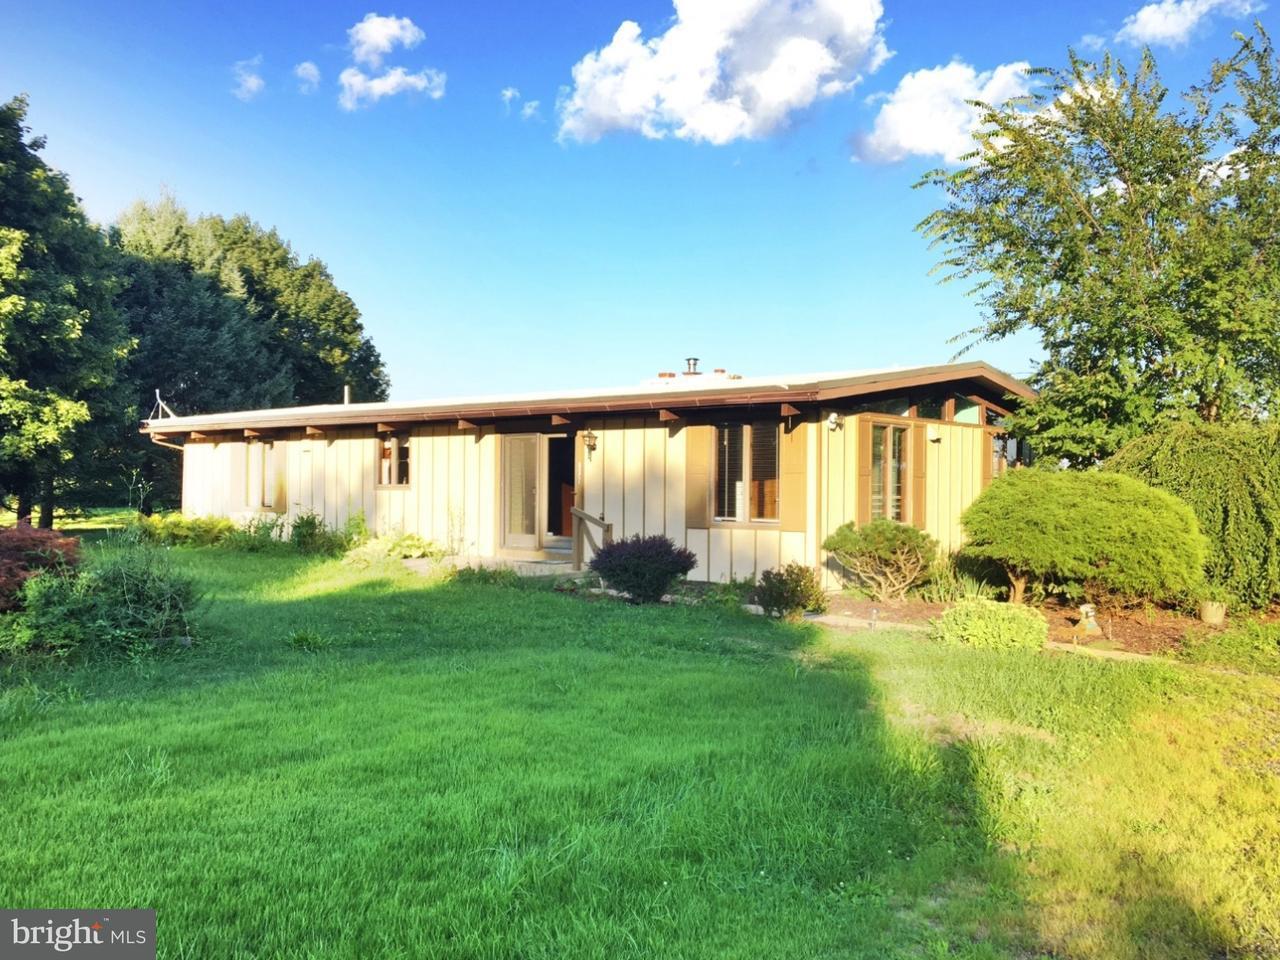 Частный односемейный дом для того Аренда на 2391 E CEDARVILLE Road Pottstown, Пенсильвания 19465 Соединенные Штаты